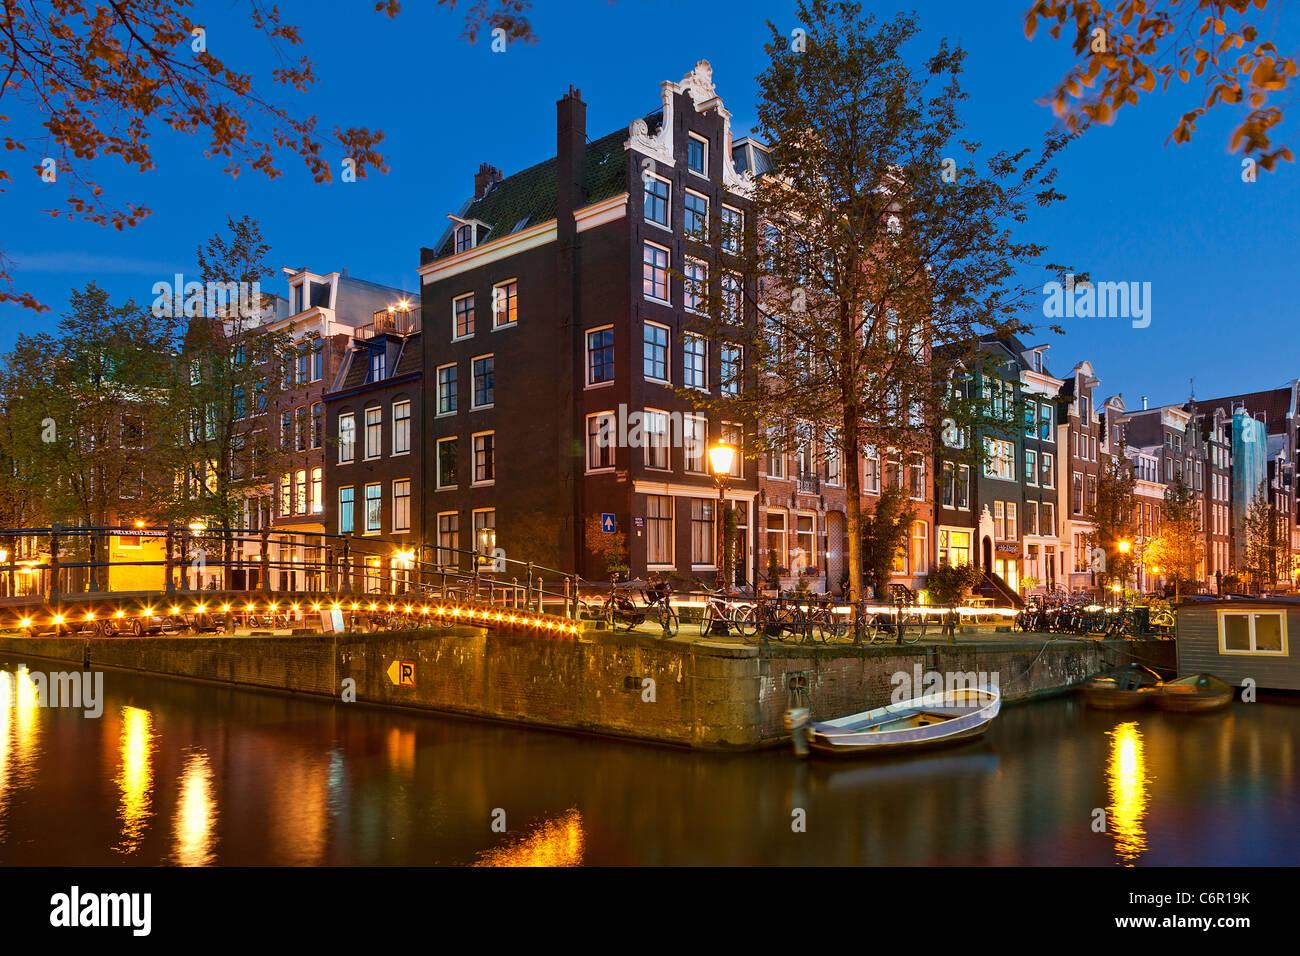 Europa, Niederlande, Amsterdam, Kanal in der Abenddämmerung Stockbild